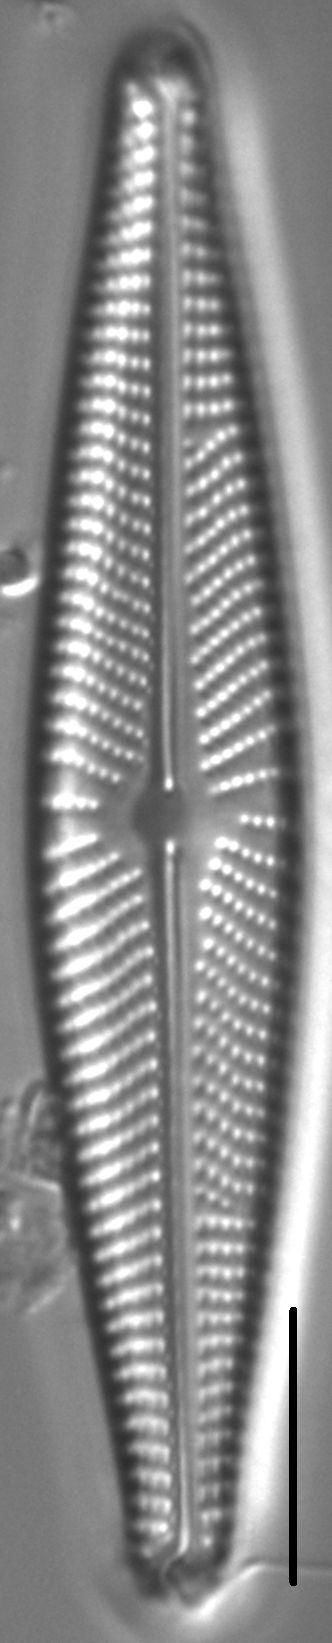 Navicula streckerae LM7